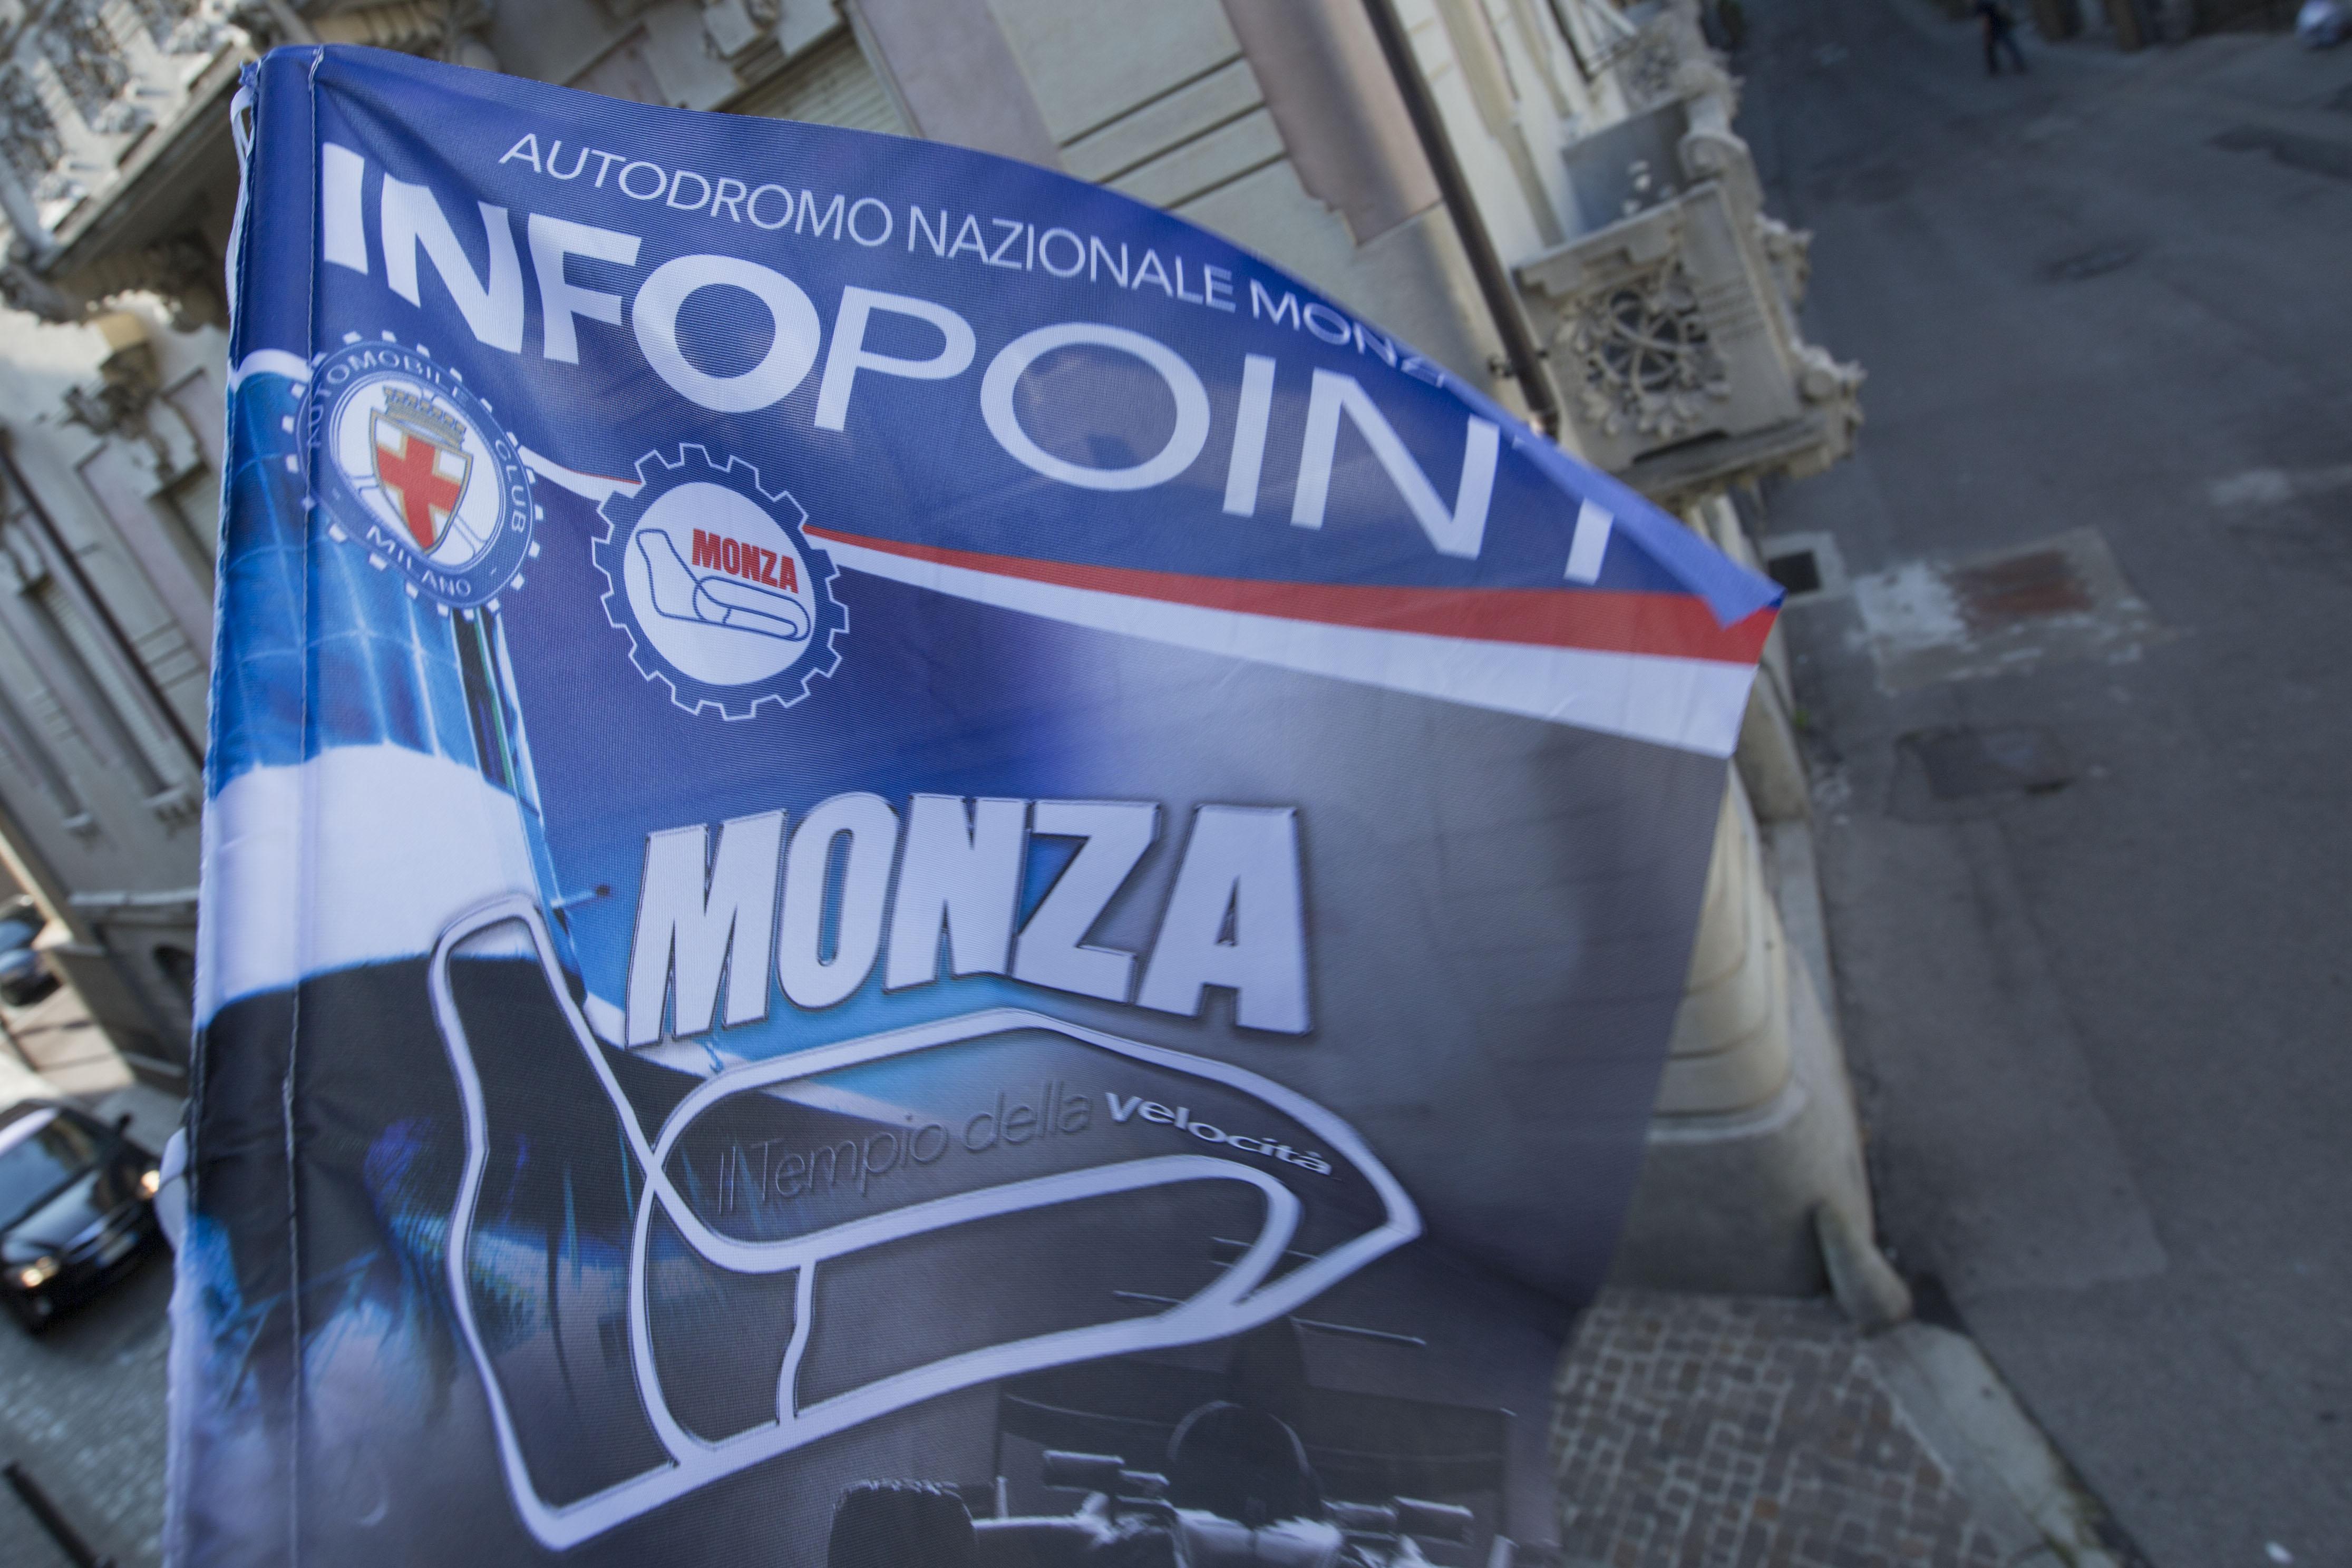 GP Italia: nuovo Infopoint in centro a Monza